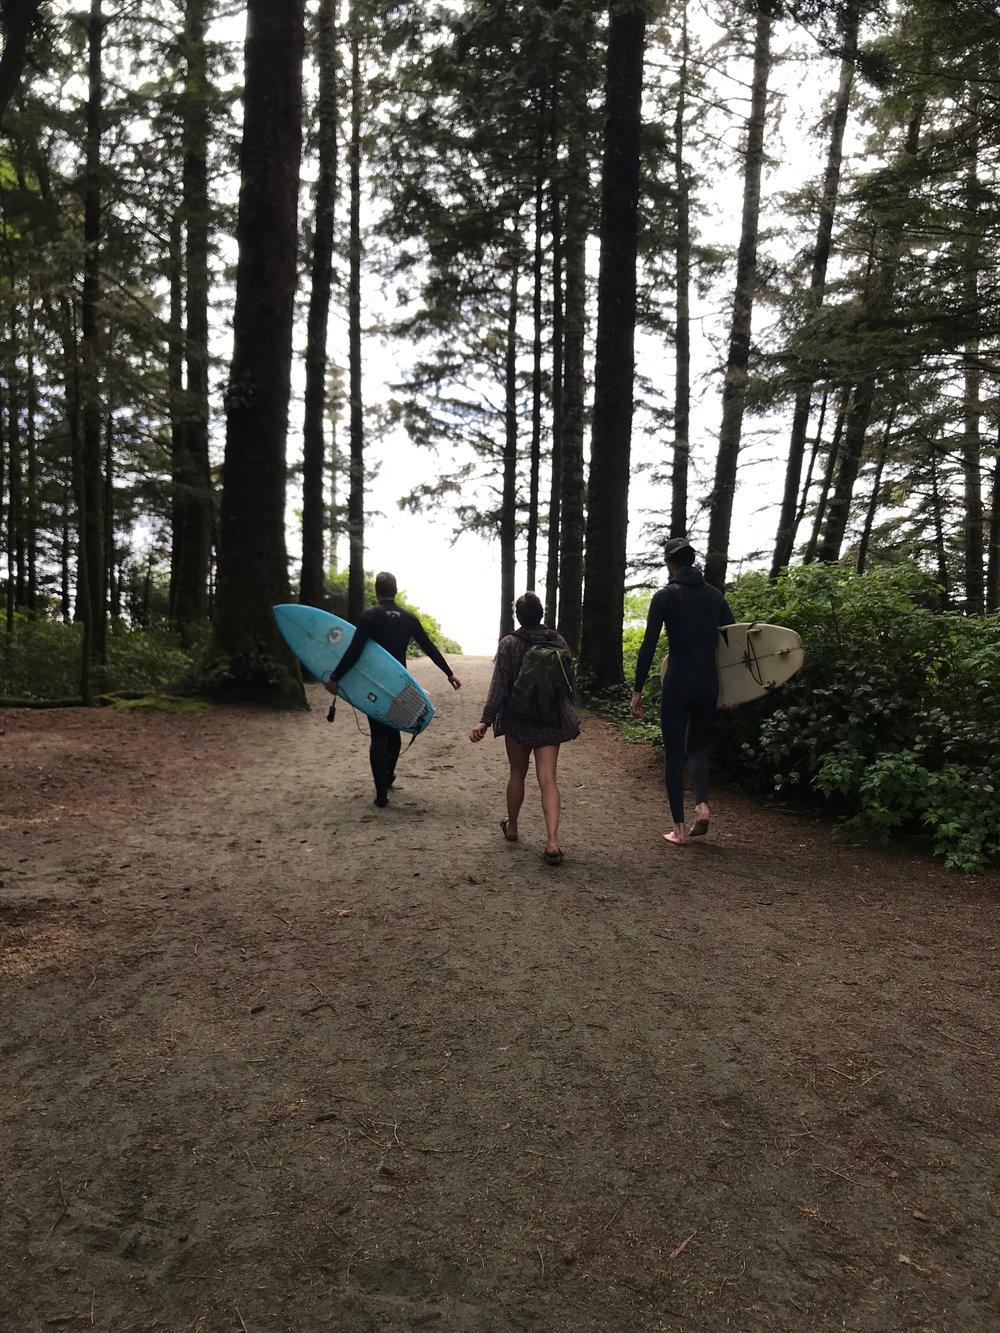 Spontaneous Trips: Tofino, British Columbia